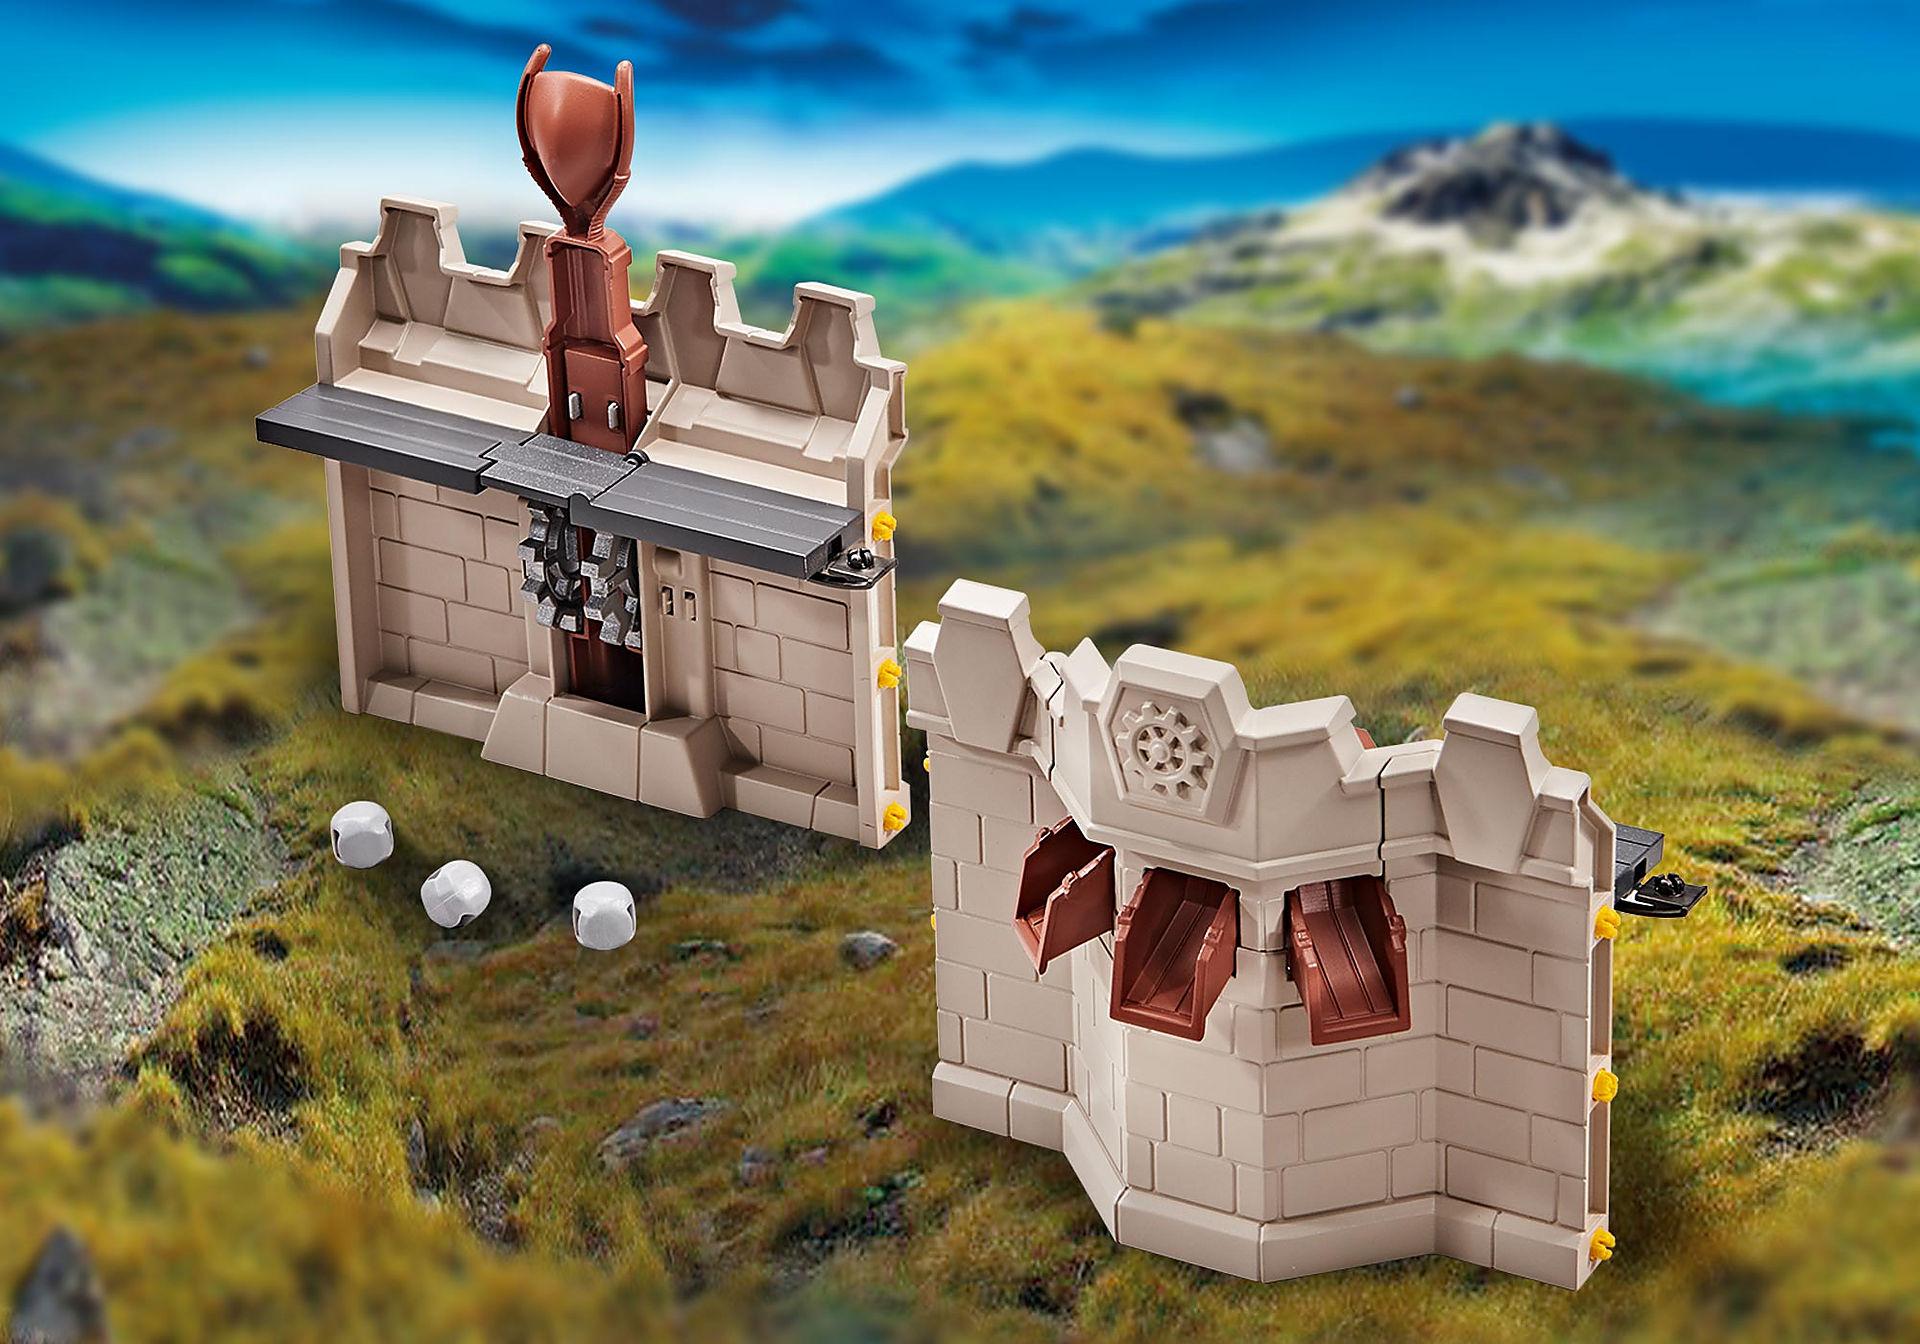 9839 Mur d'extension et catapulte pour le Grand château des Chevaliers Novelmore zoom image1